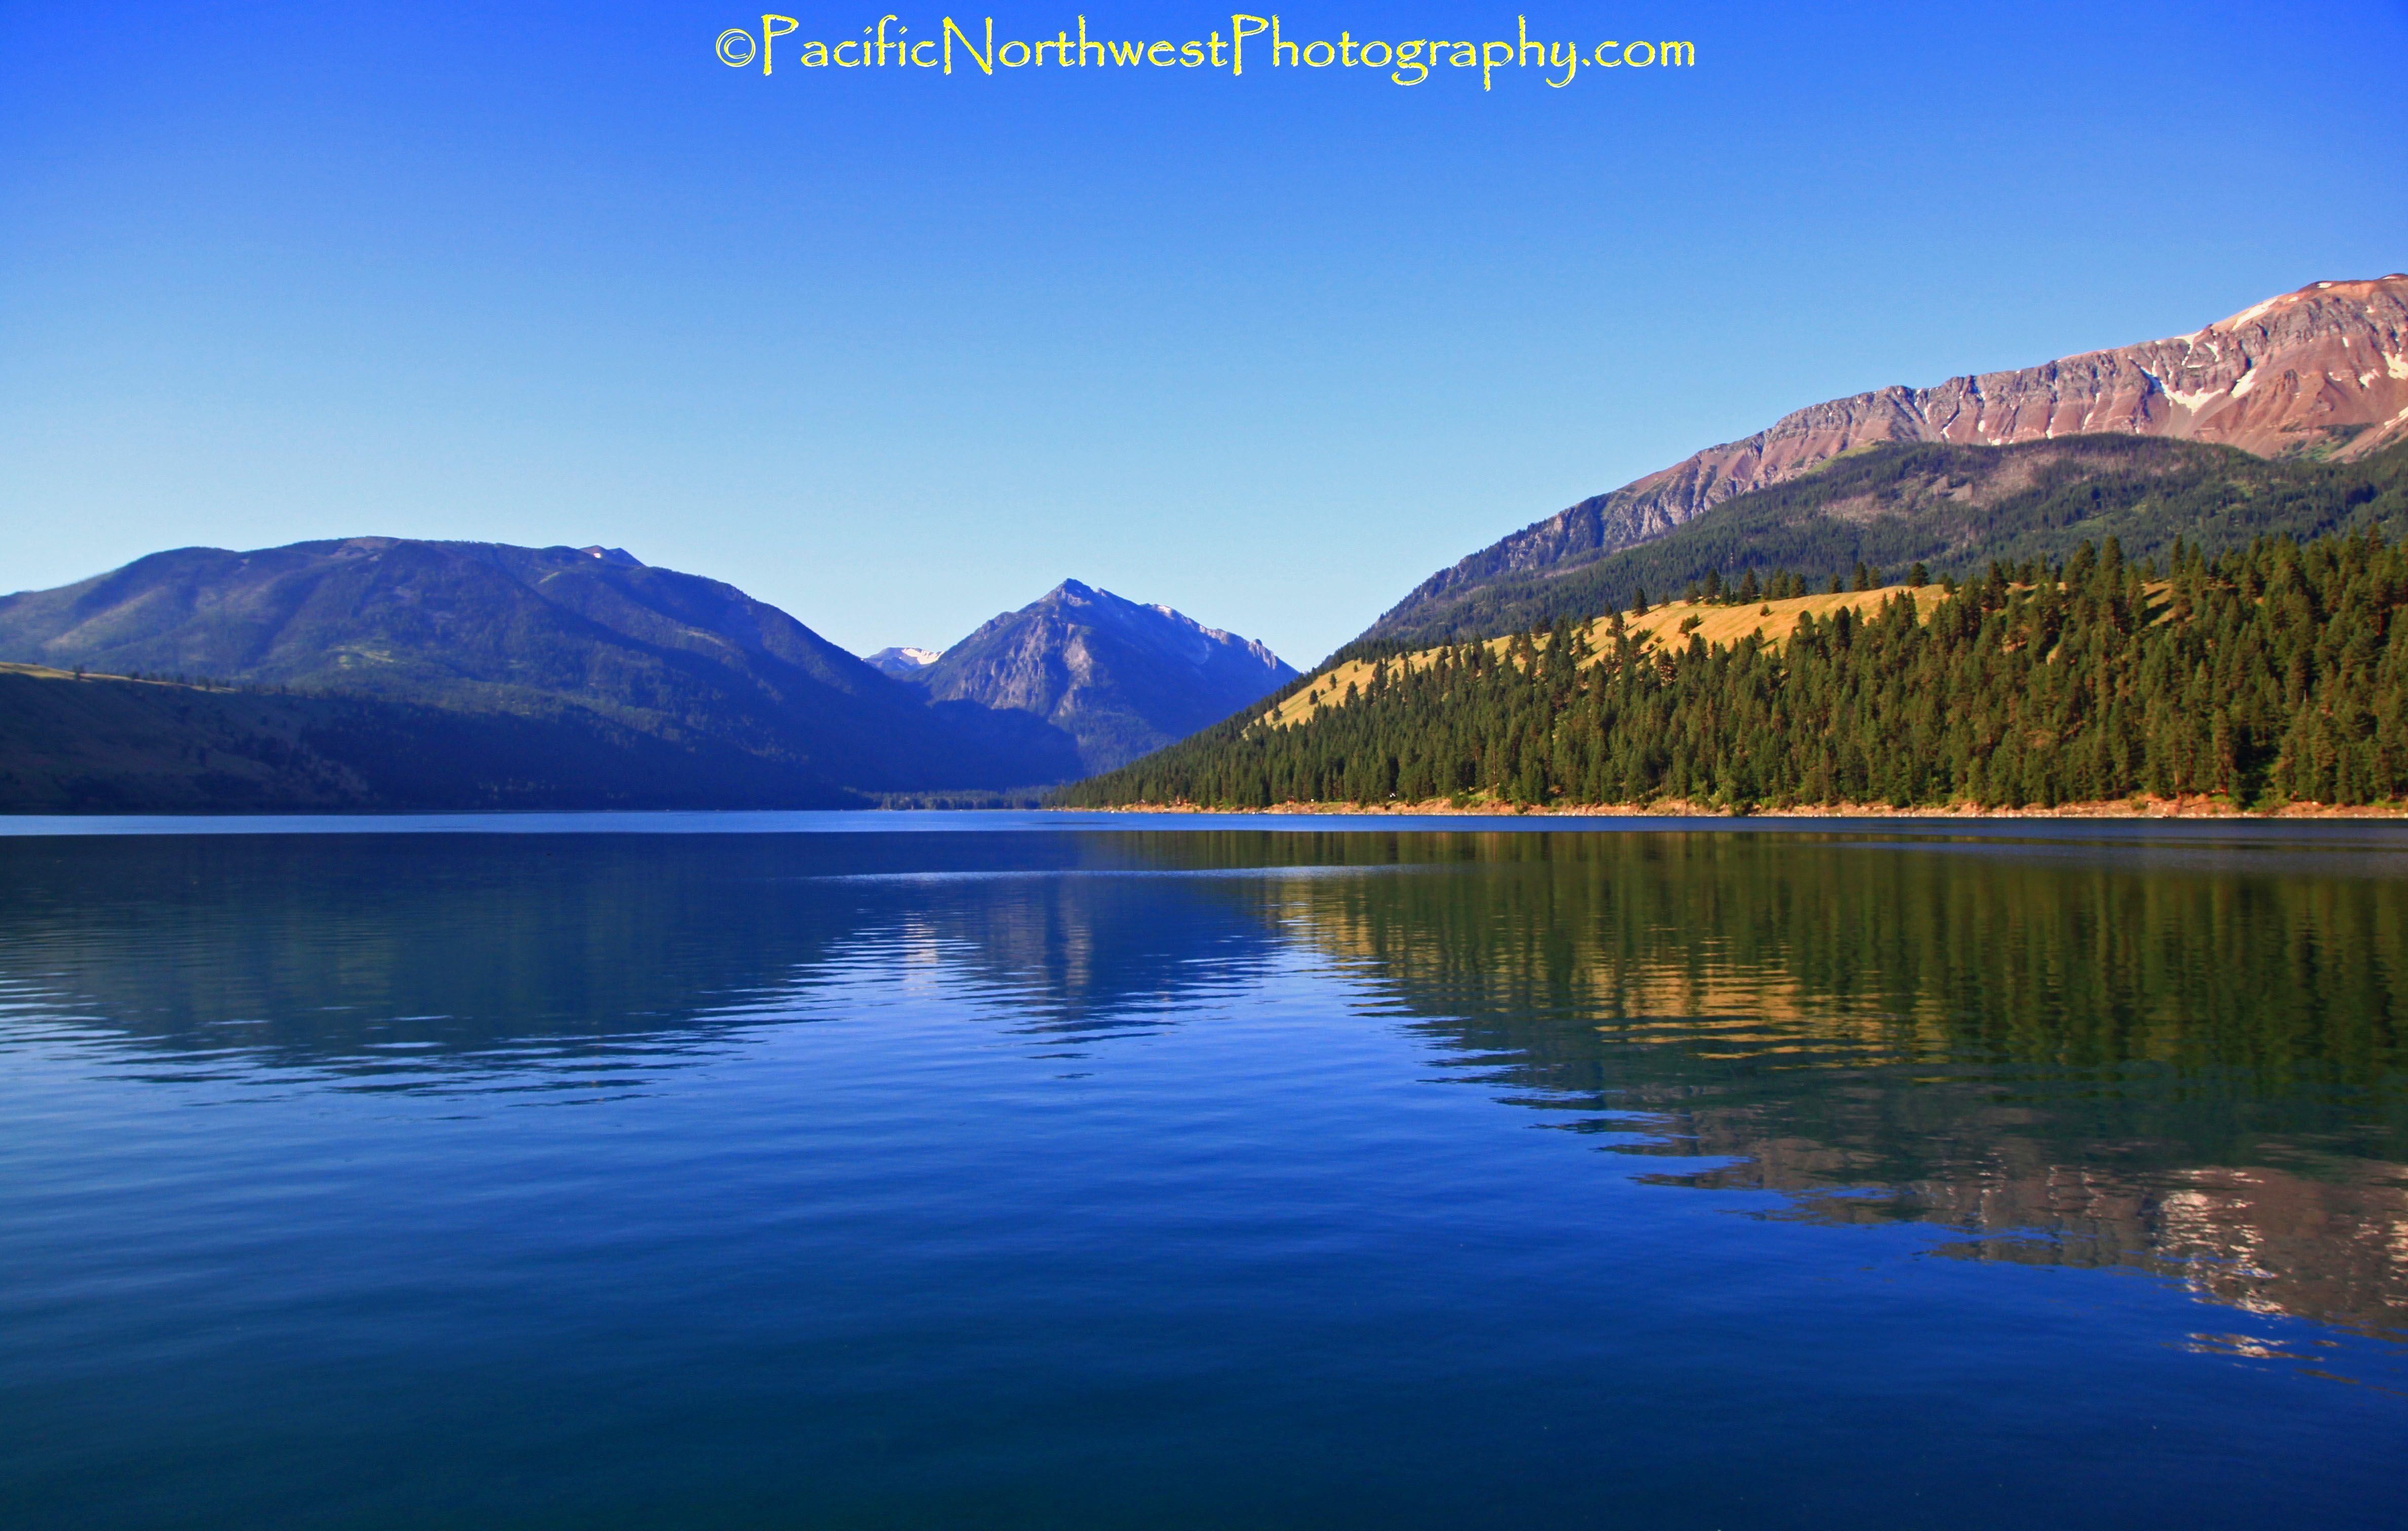 Wallowa Lake and Wallowa mountains, Oregon